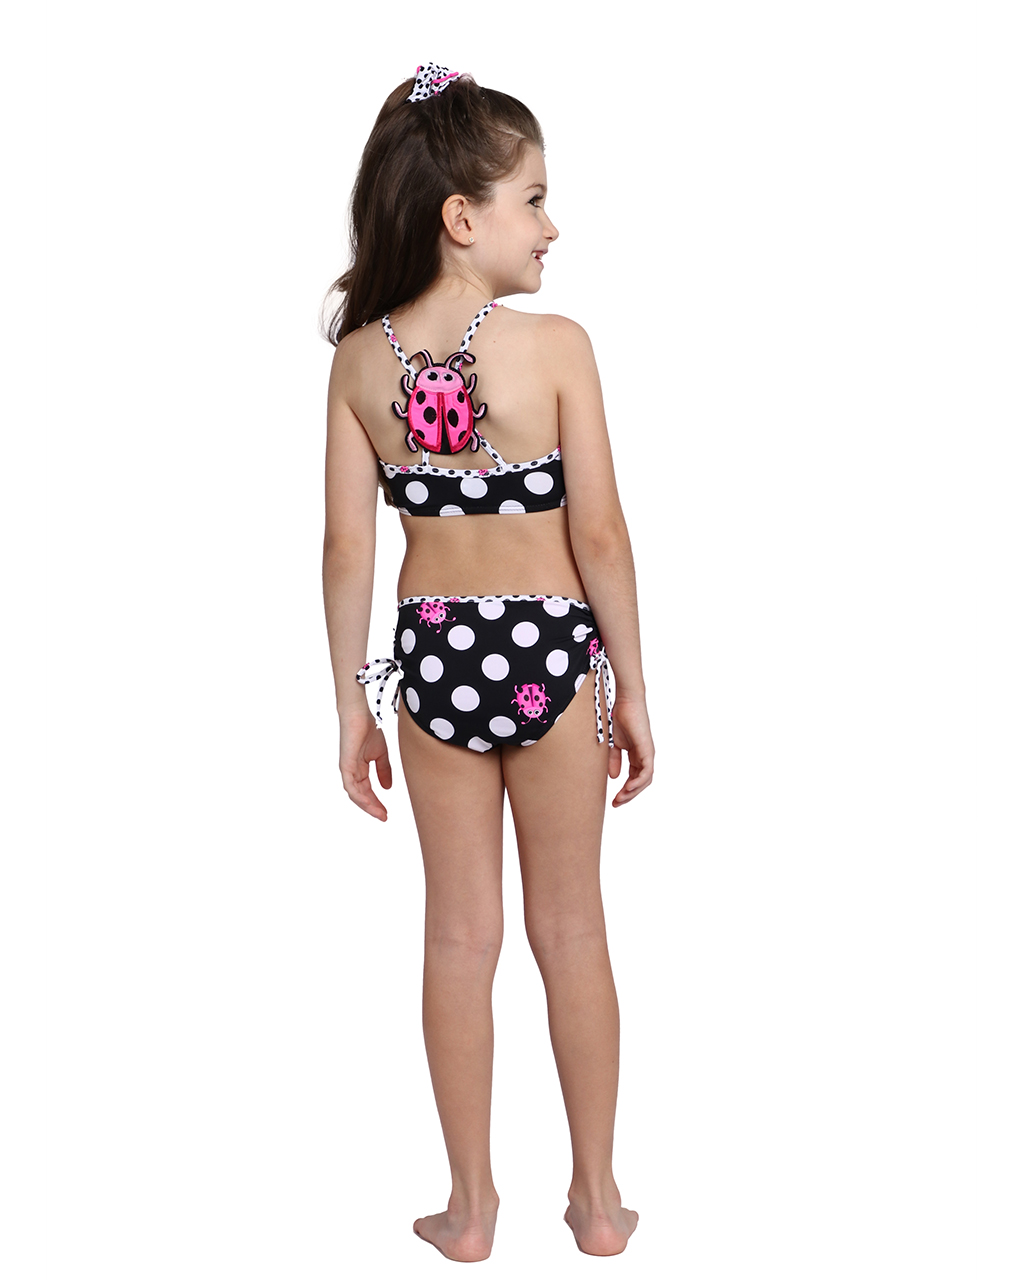 Biquini Infantil Top Cropped Preto com Bolas Brancas e Estampas Joaninha Siri